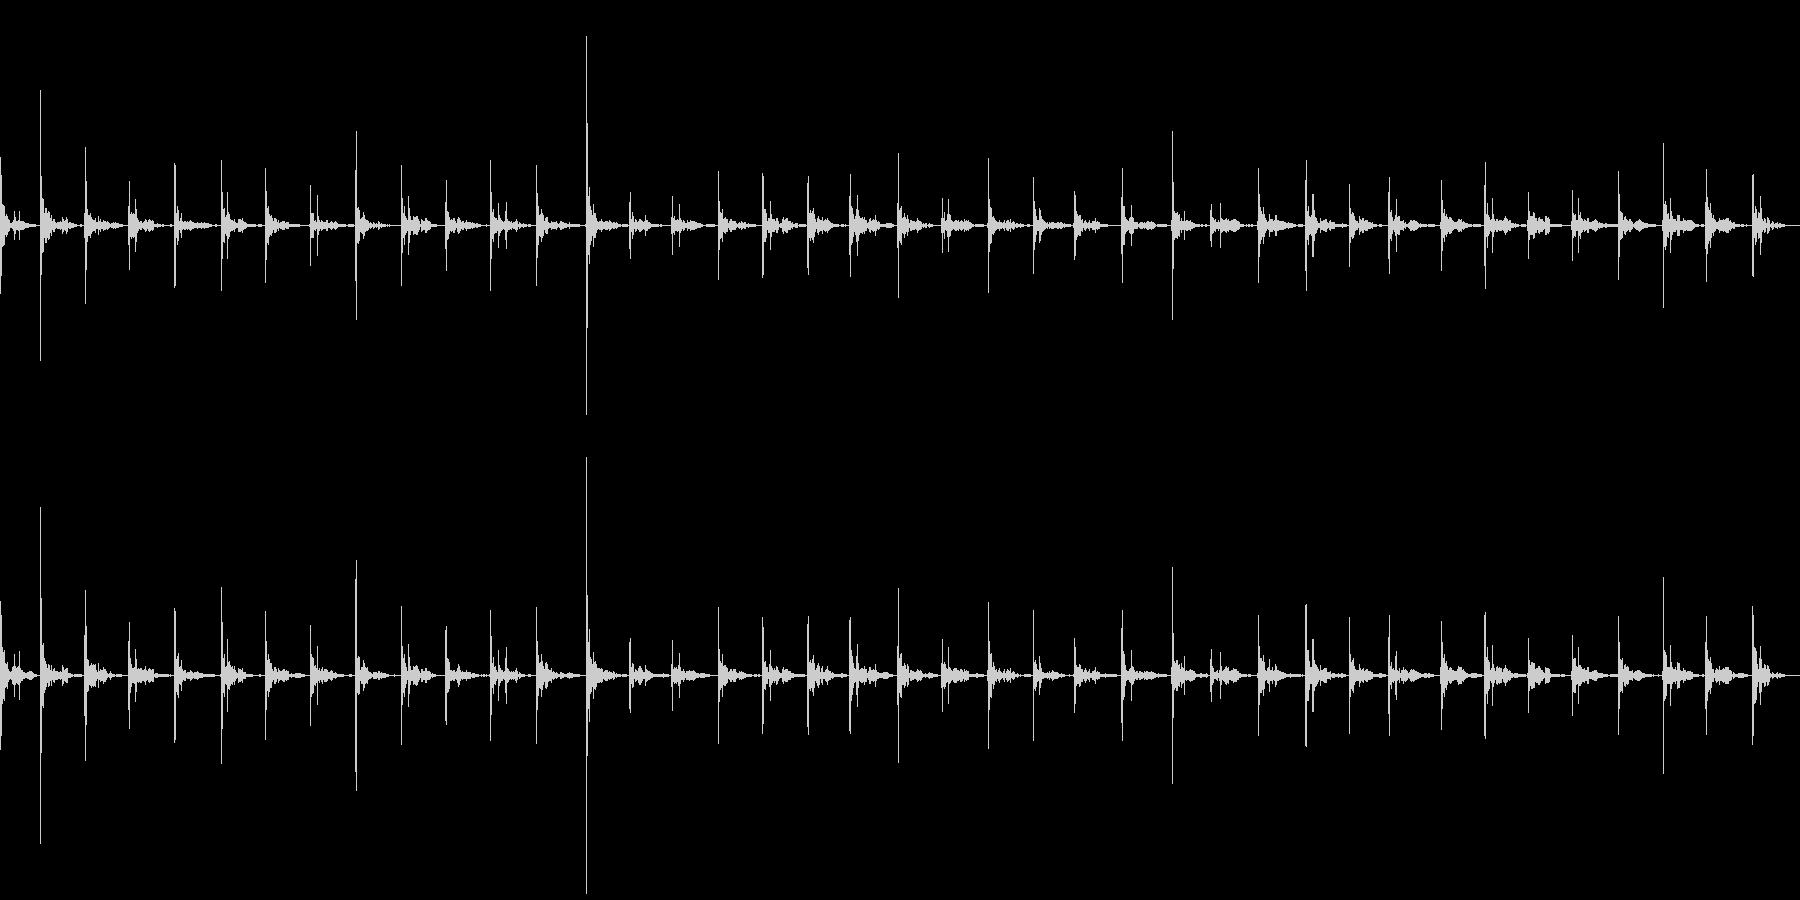 アスファルトの上を走る(駆け足)の未再生の波形